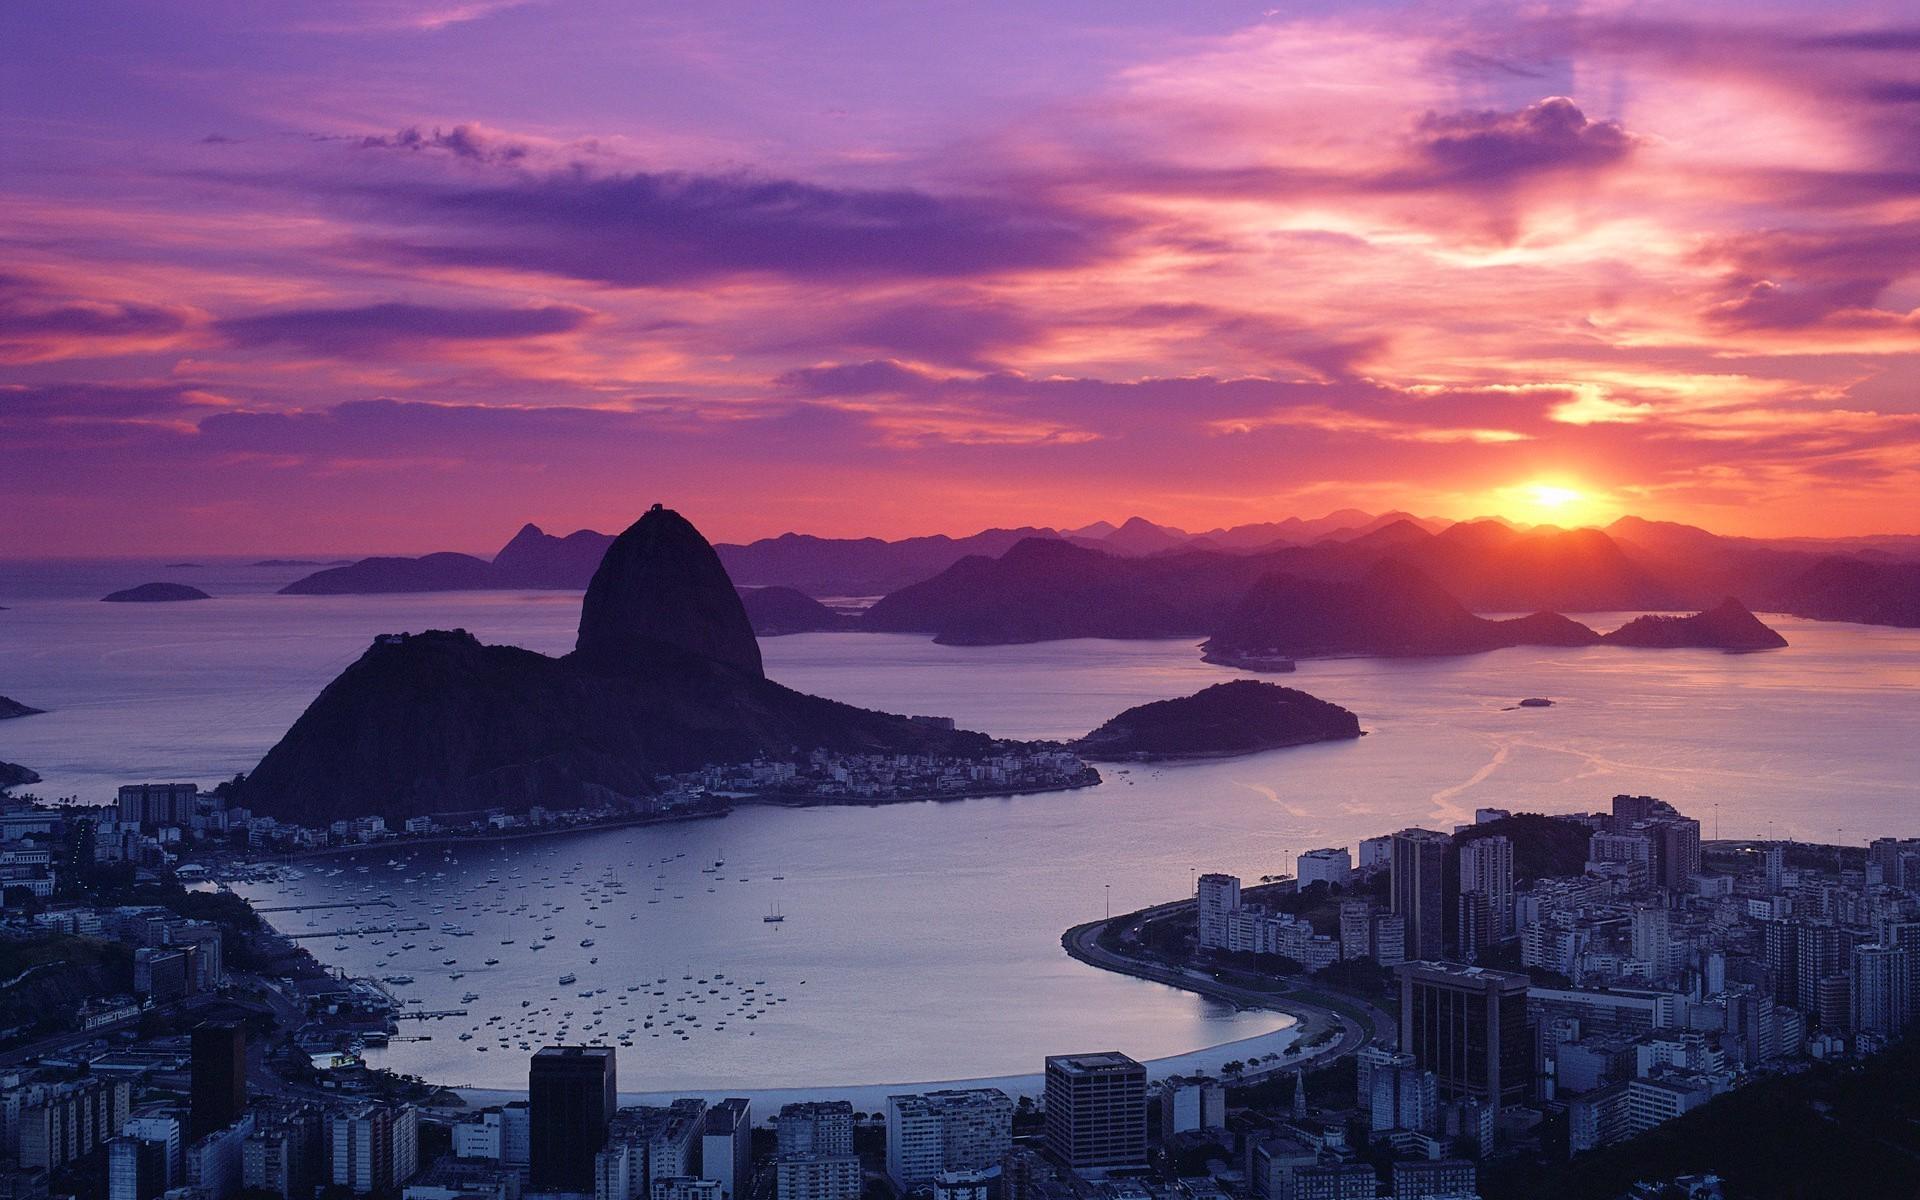 картинки с видом заката виды города на закате нужно гадать, что